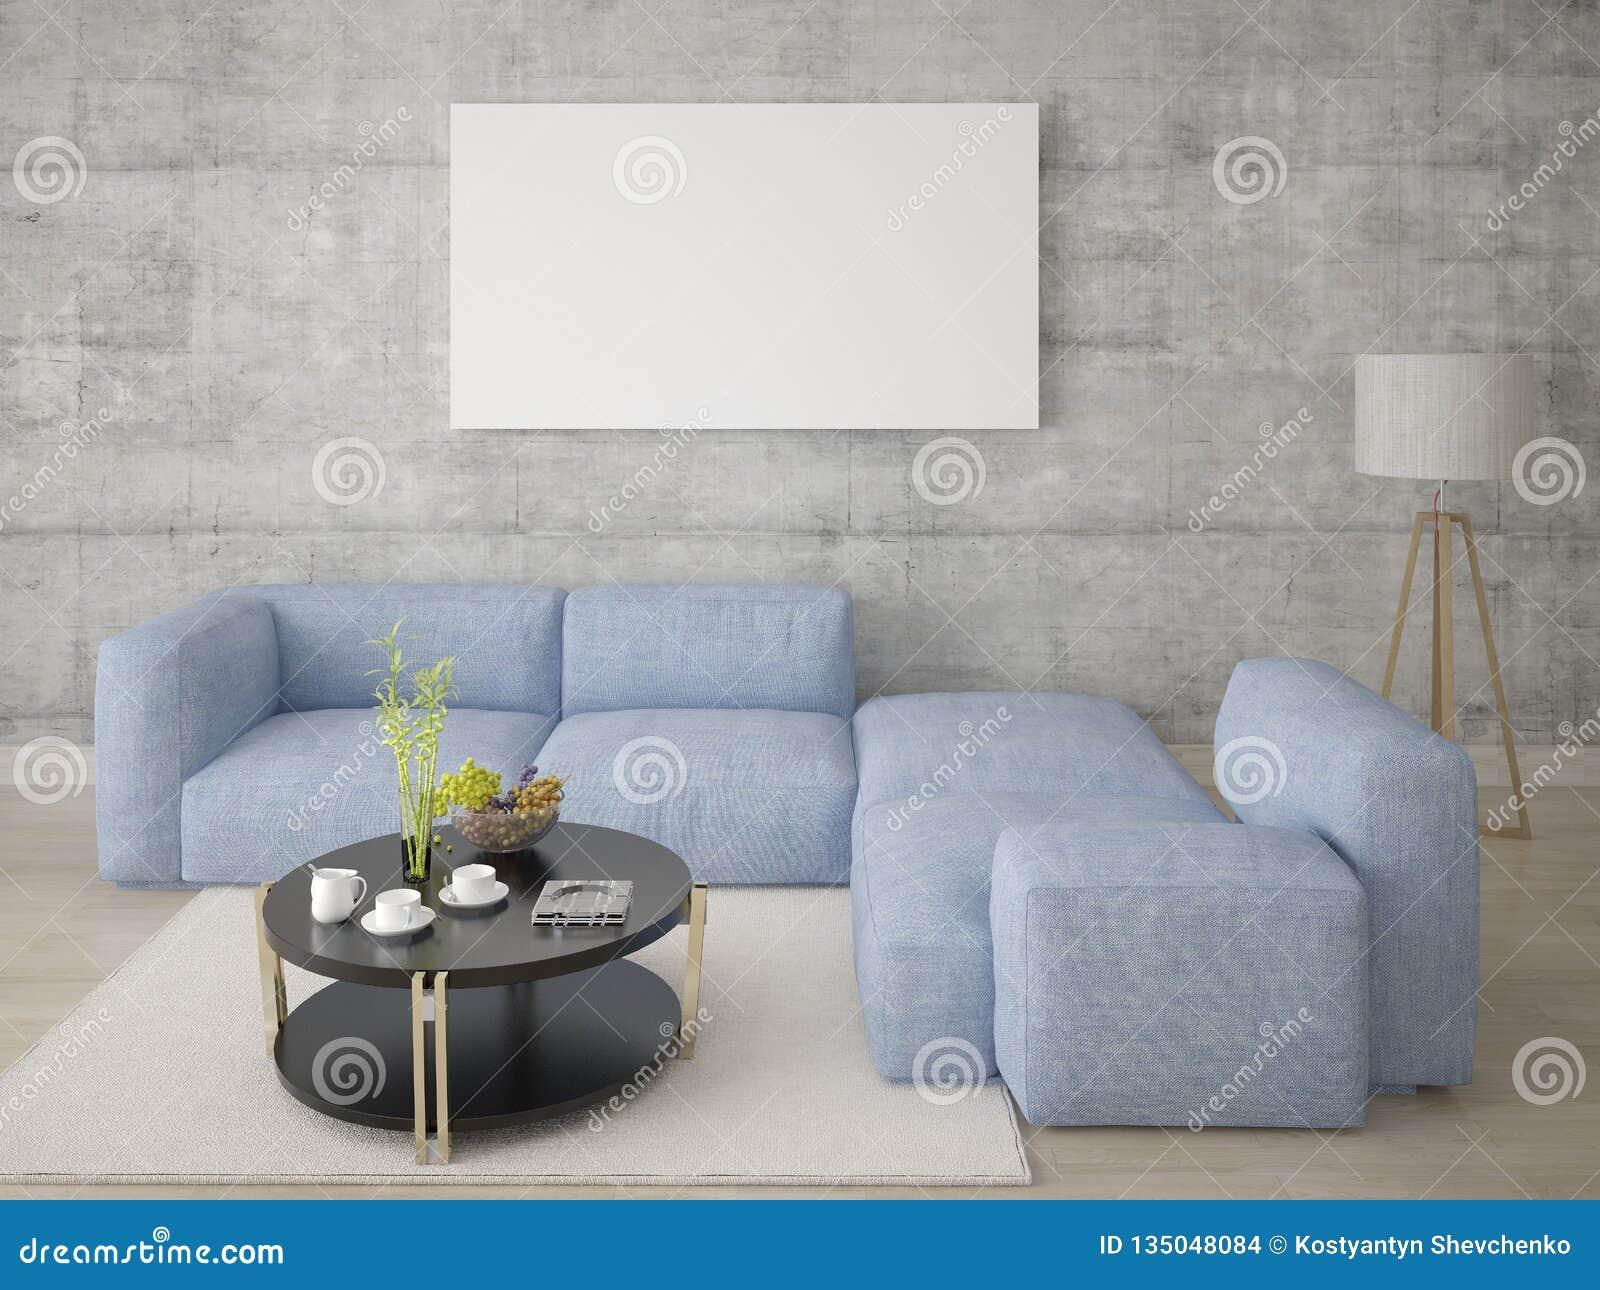 Imite encima de una sala de estar espaciosa con un sofá de la esquina cómodo